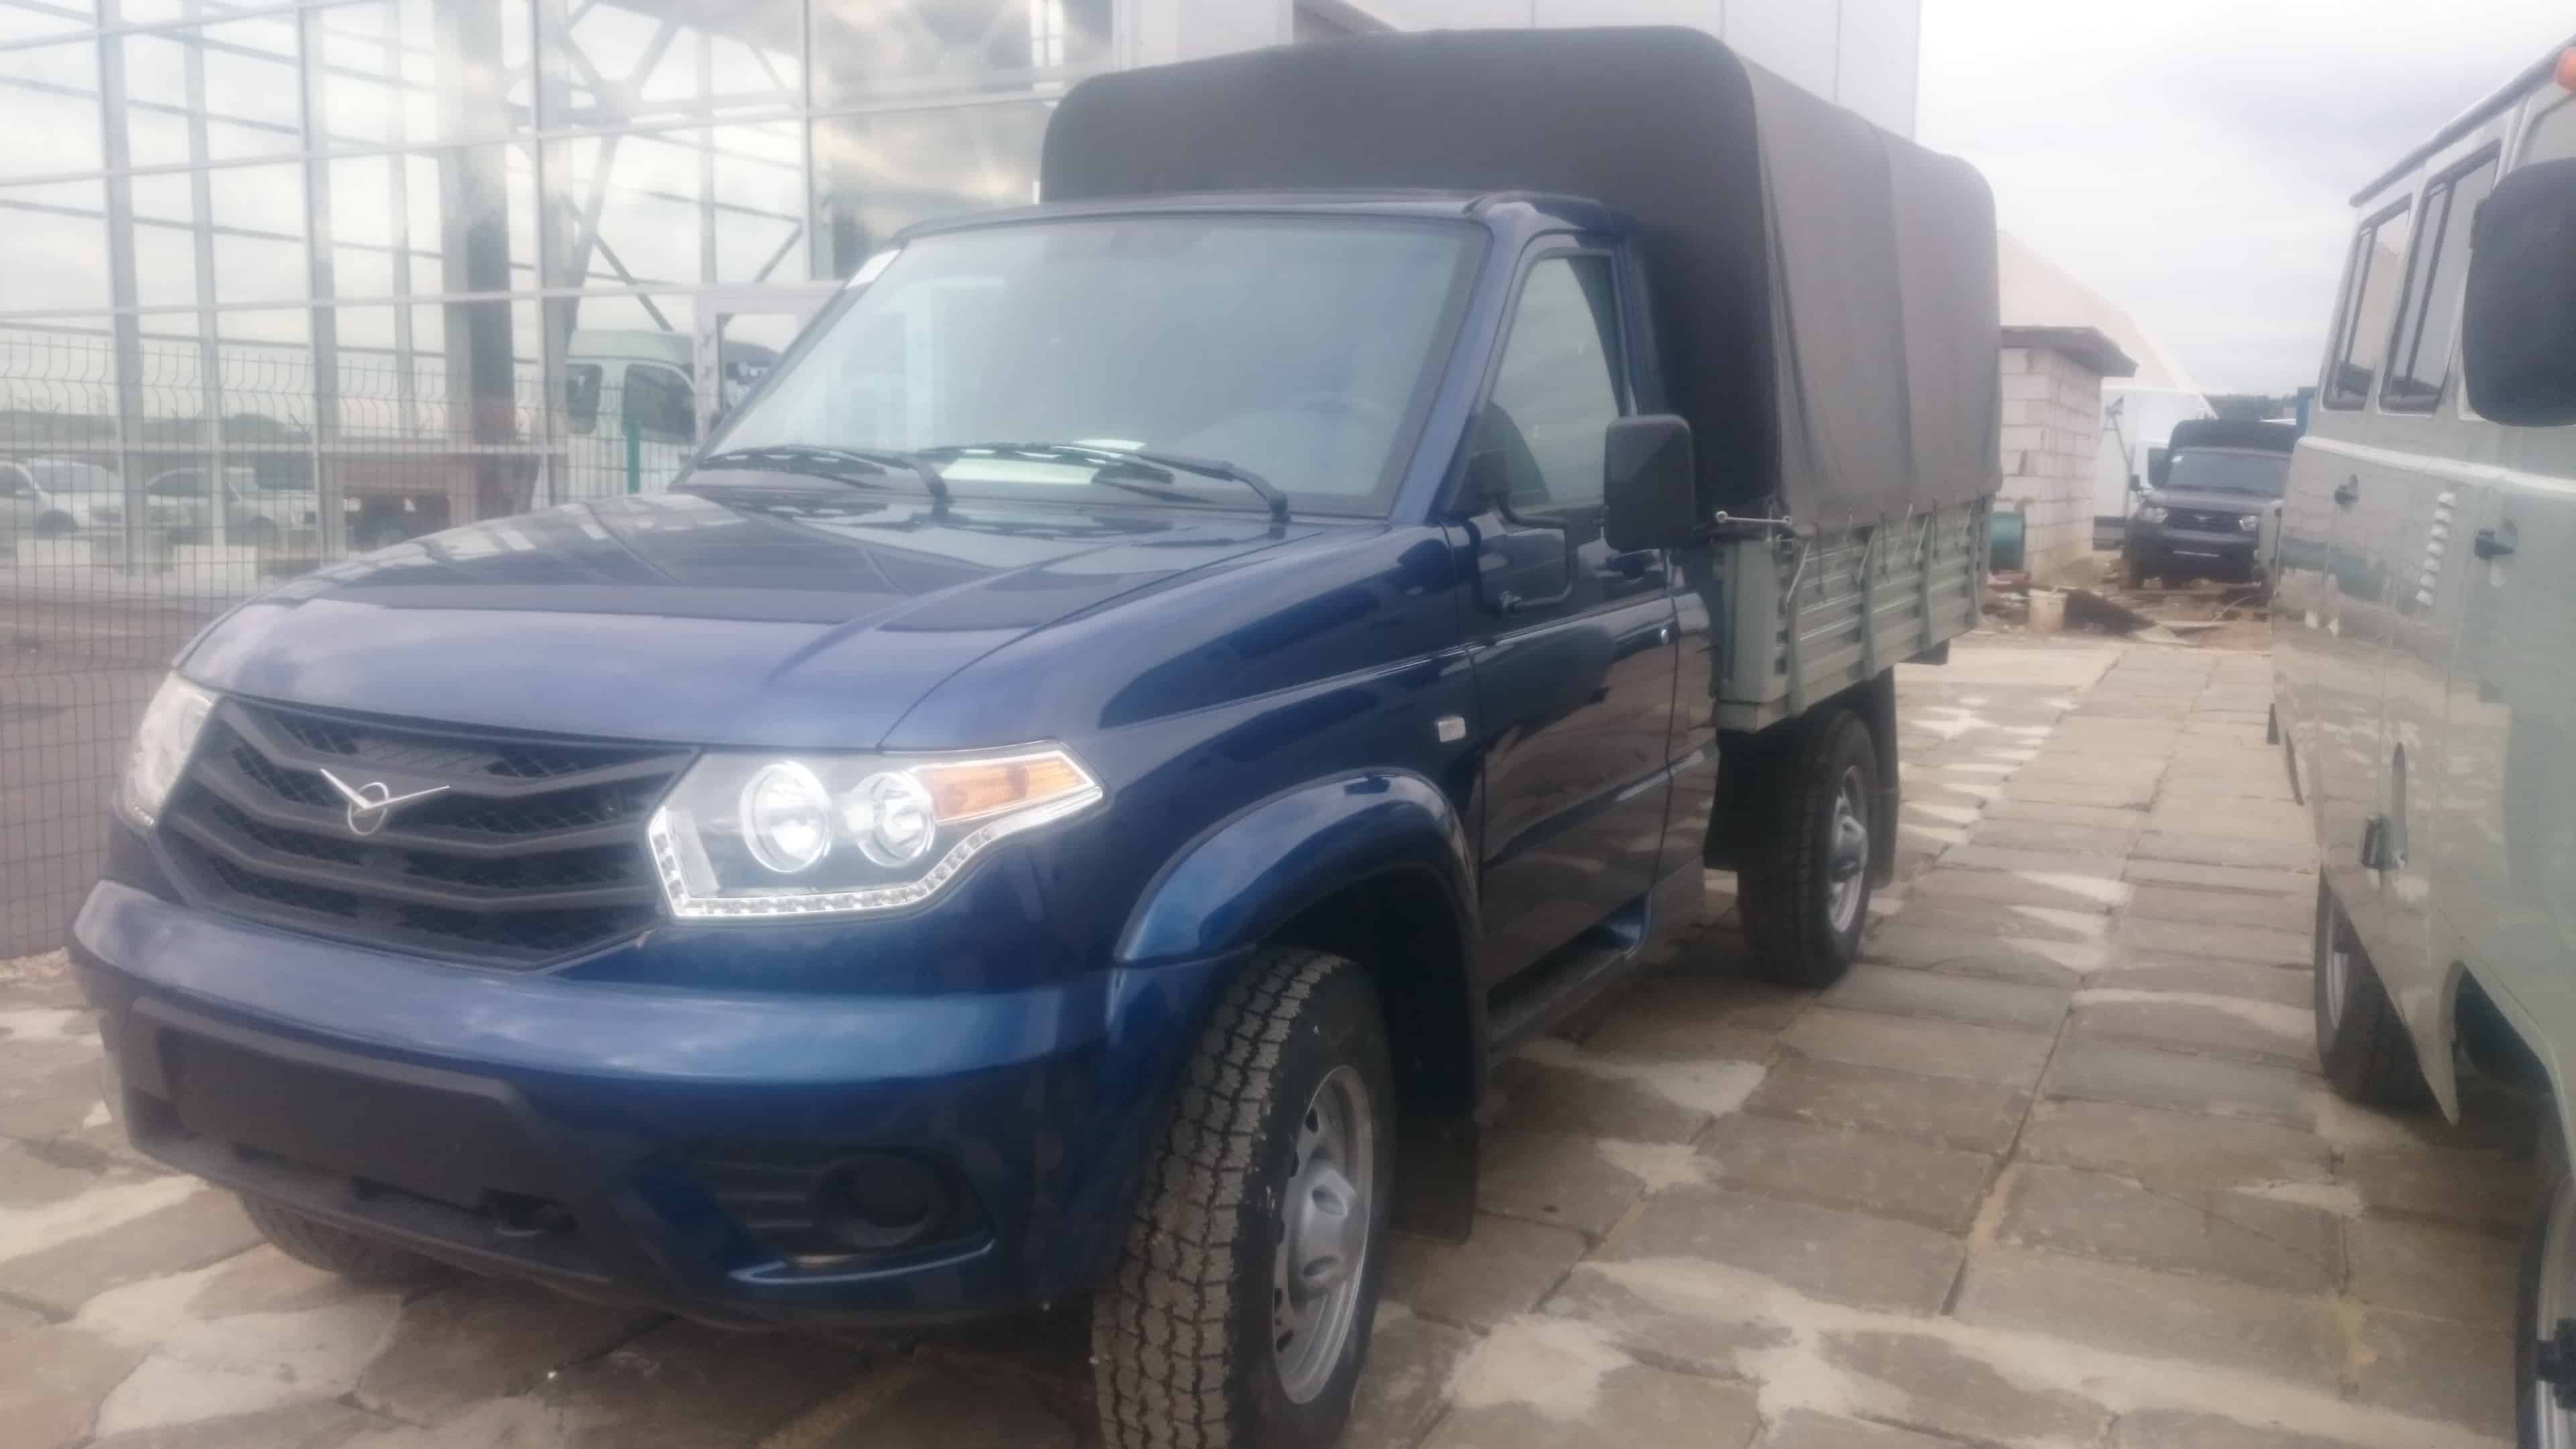 УАЗ 23602 Карго Бортовой Тентованный